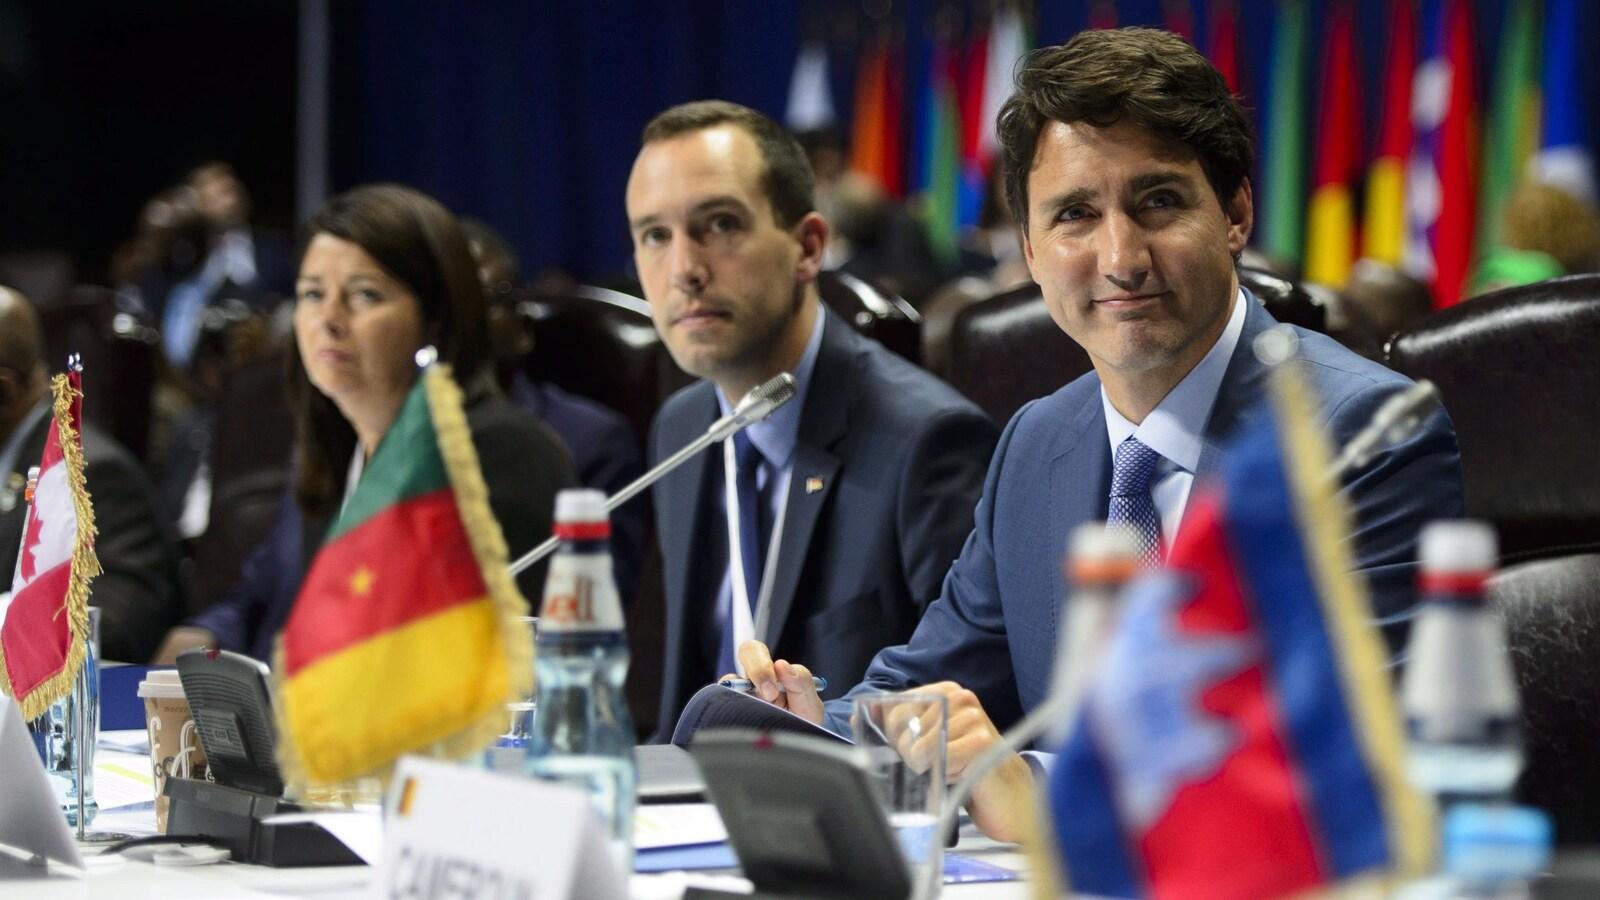 Le premier ministre Justin Trudeau participe à la séance de clôture du Sommet de la Francophonie à Erevan, en Arménie, le vendredi 12 octobre 2018.